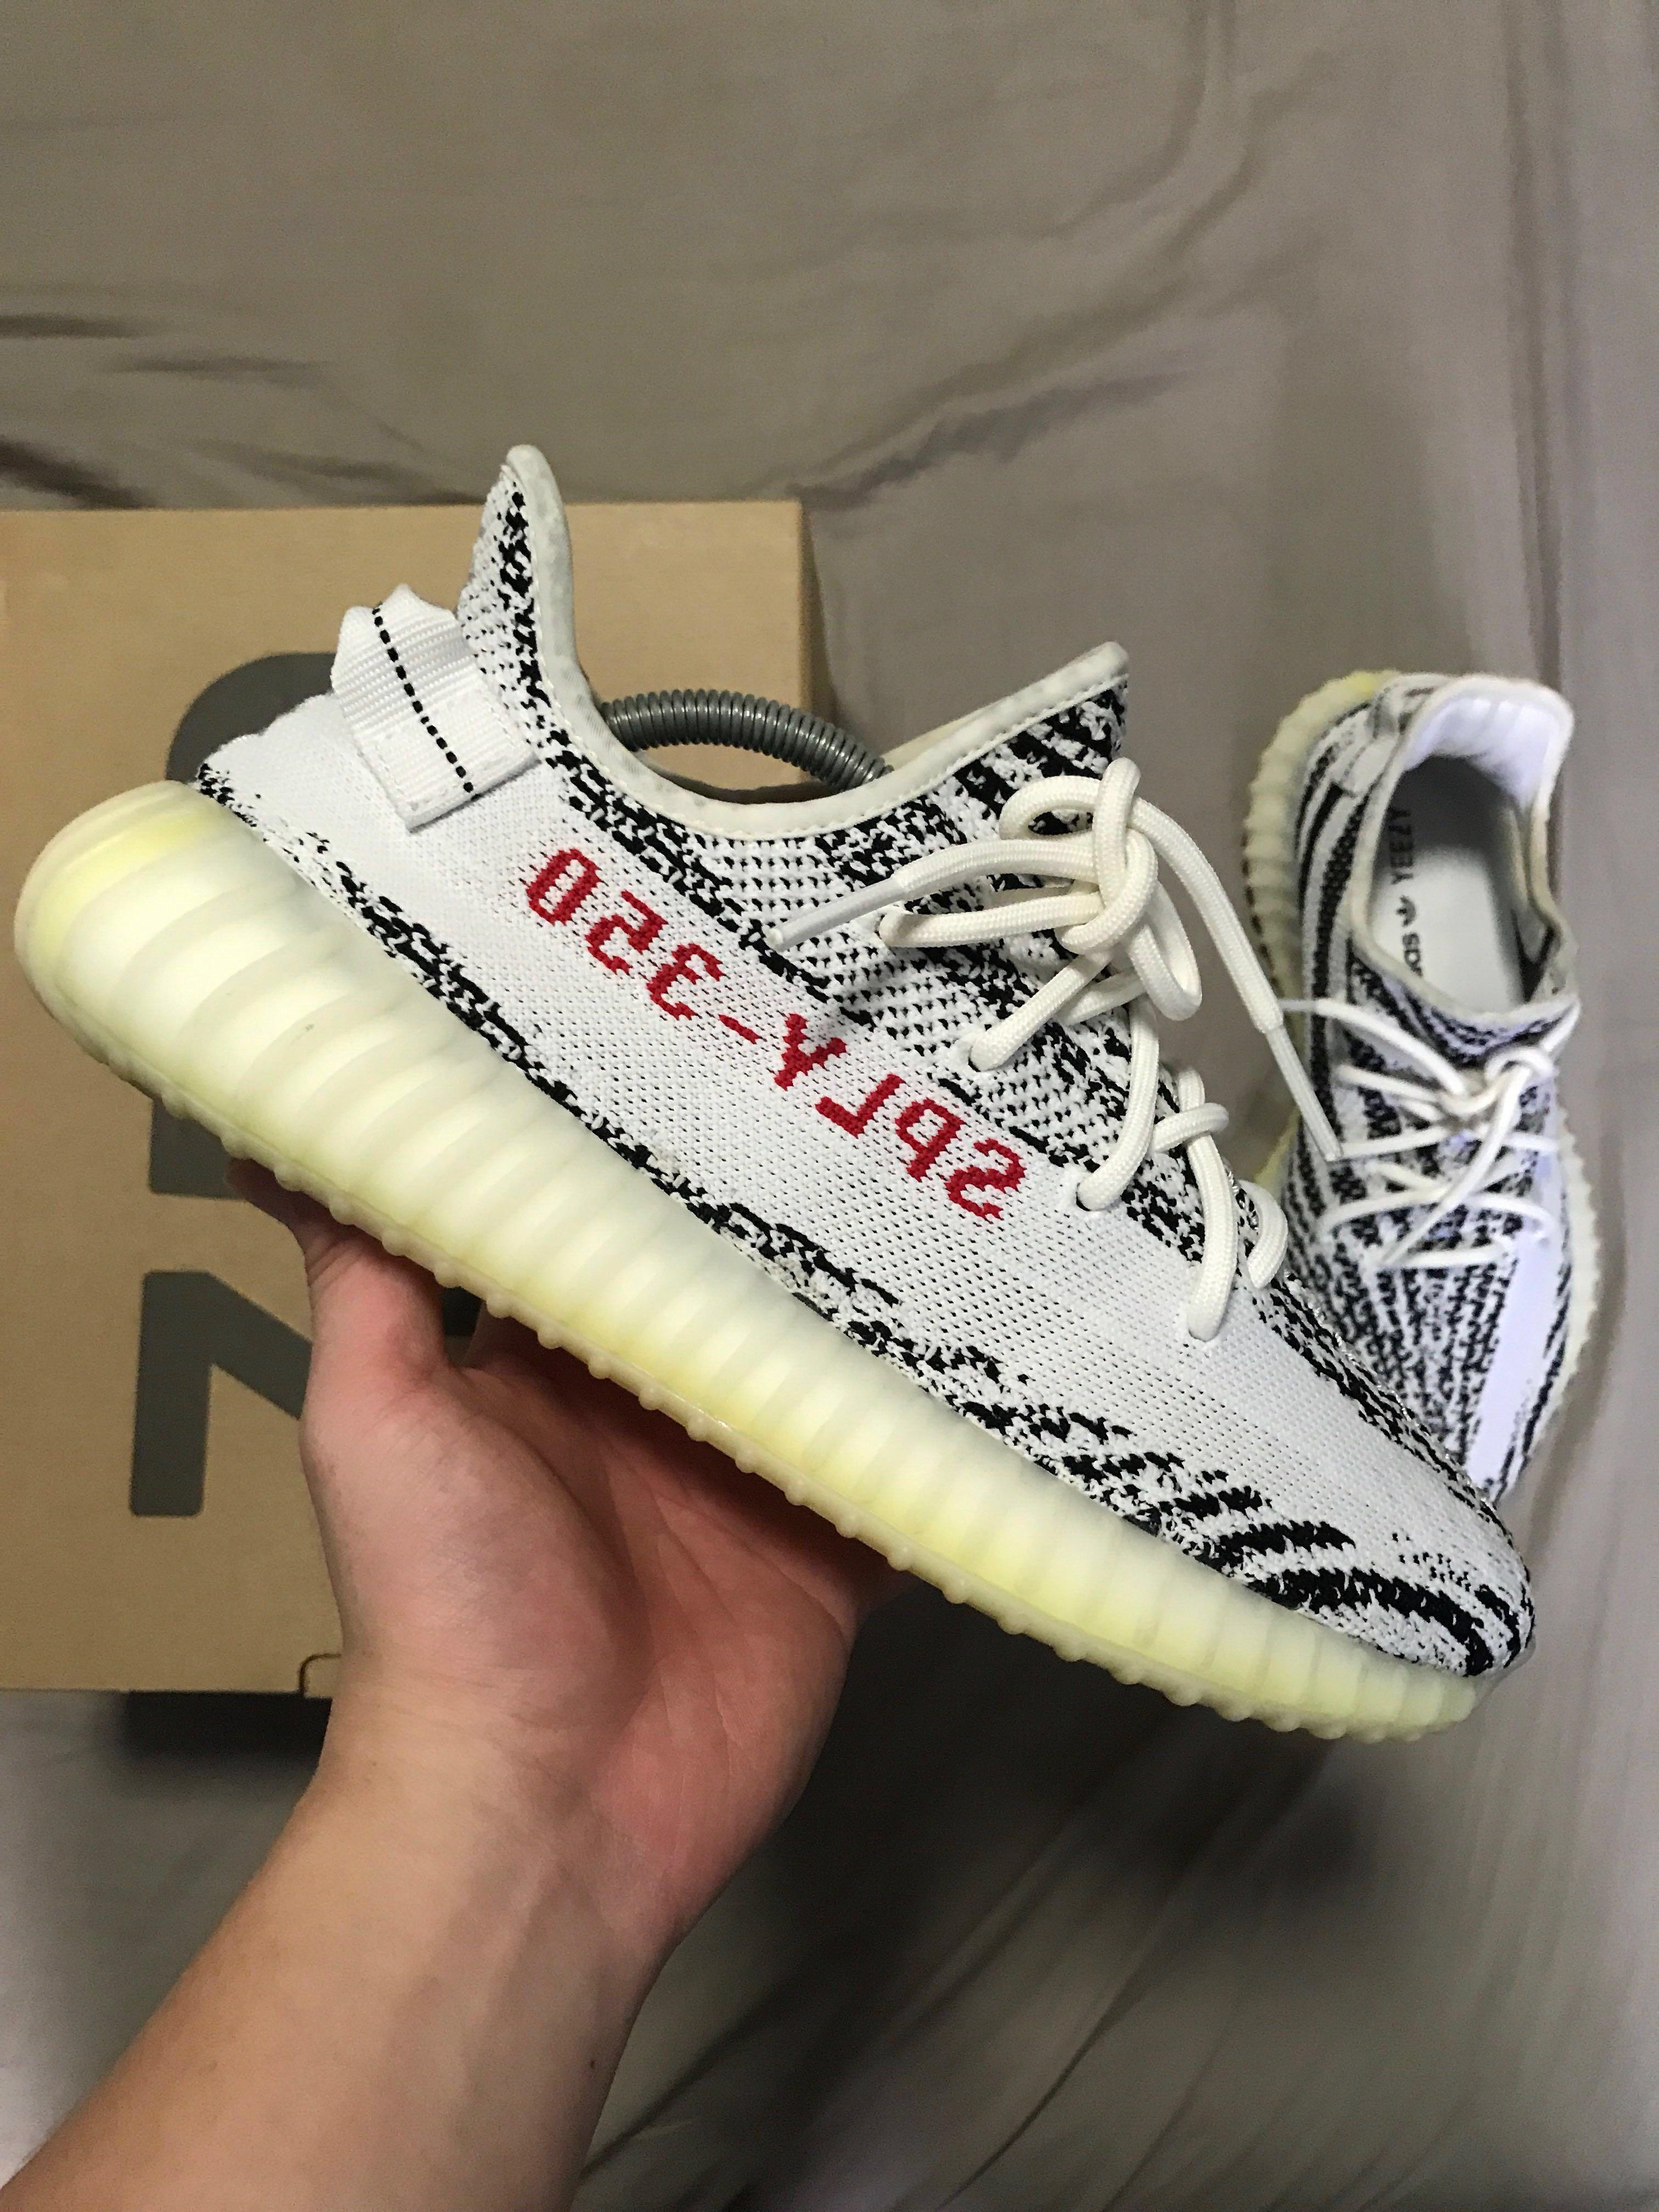 e89d572ecd06c6 Adidas Yeezy Boost 350 - Zebra